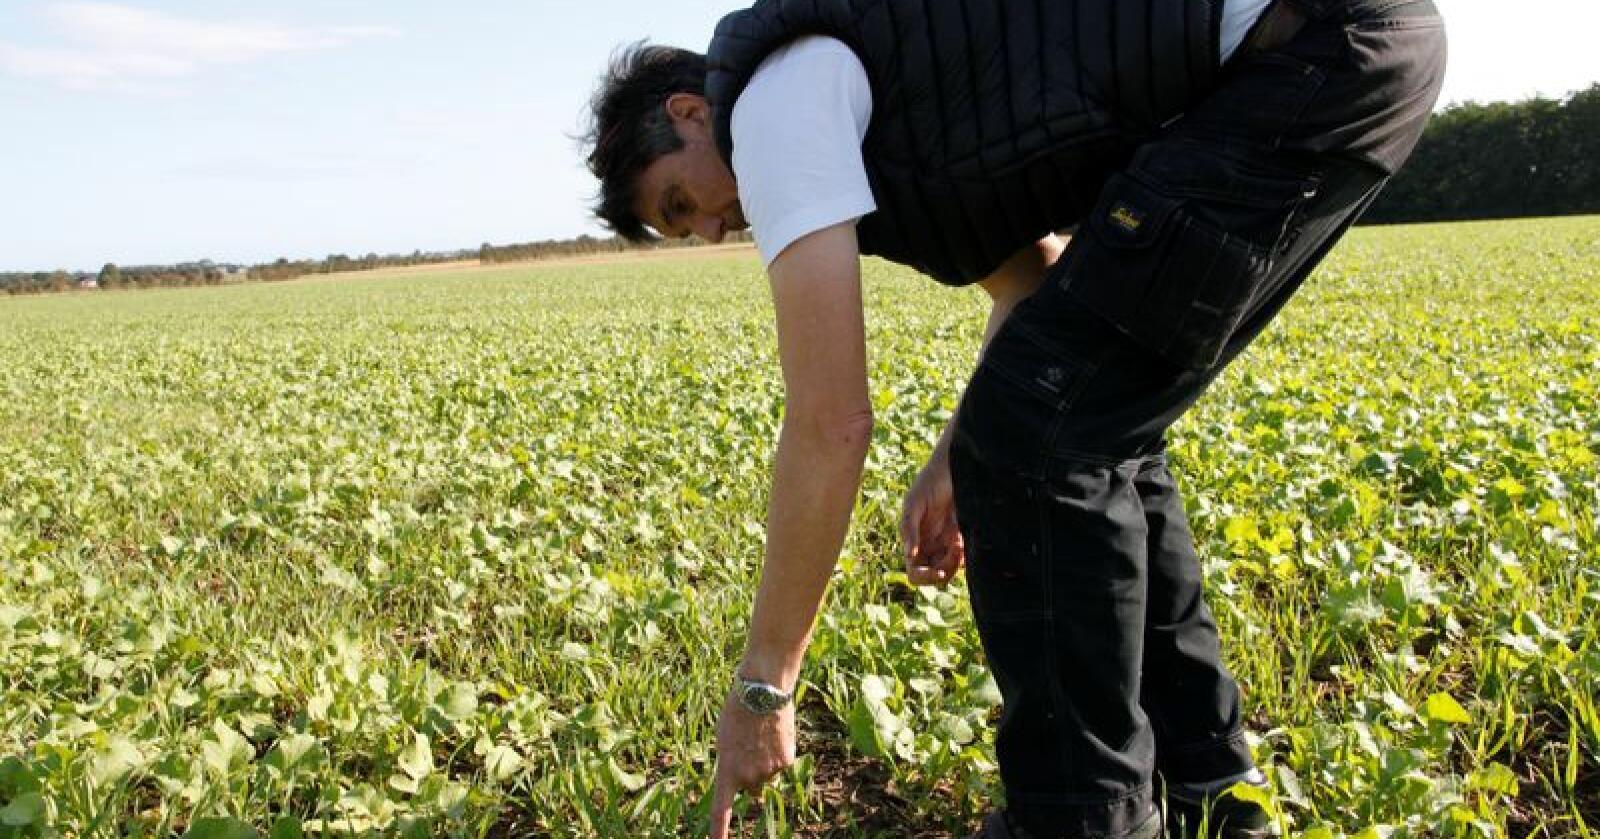 Hans Dahm er tidligere formann i foreningen for redusert jordbearbeiding i Danmark. Foto: Øystein Heggdal